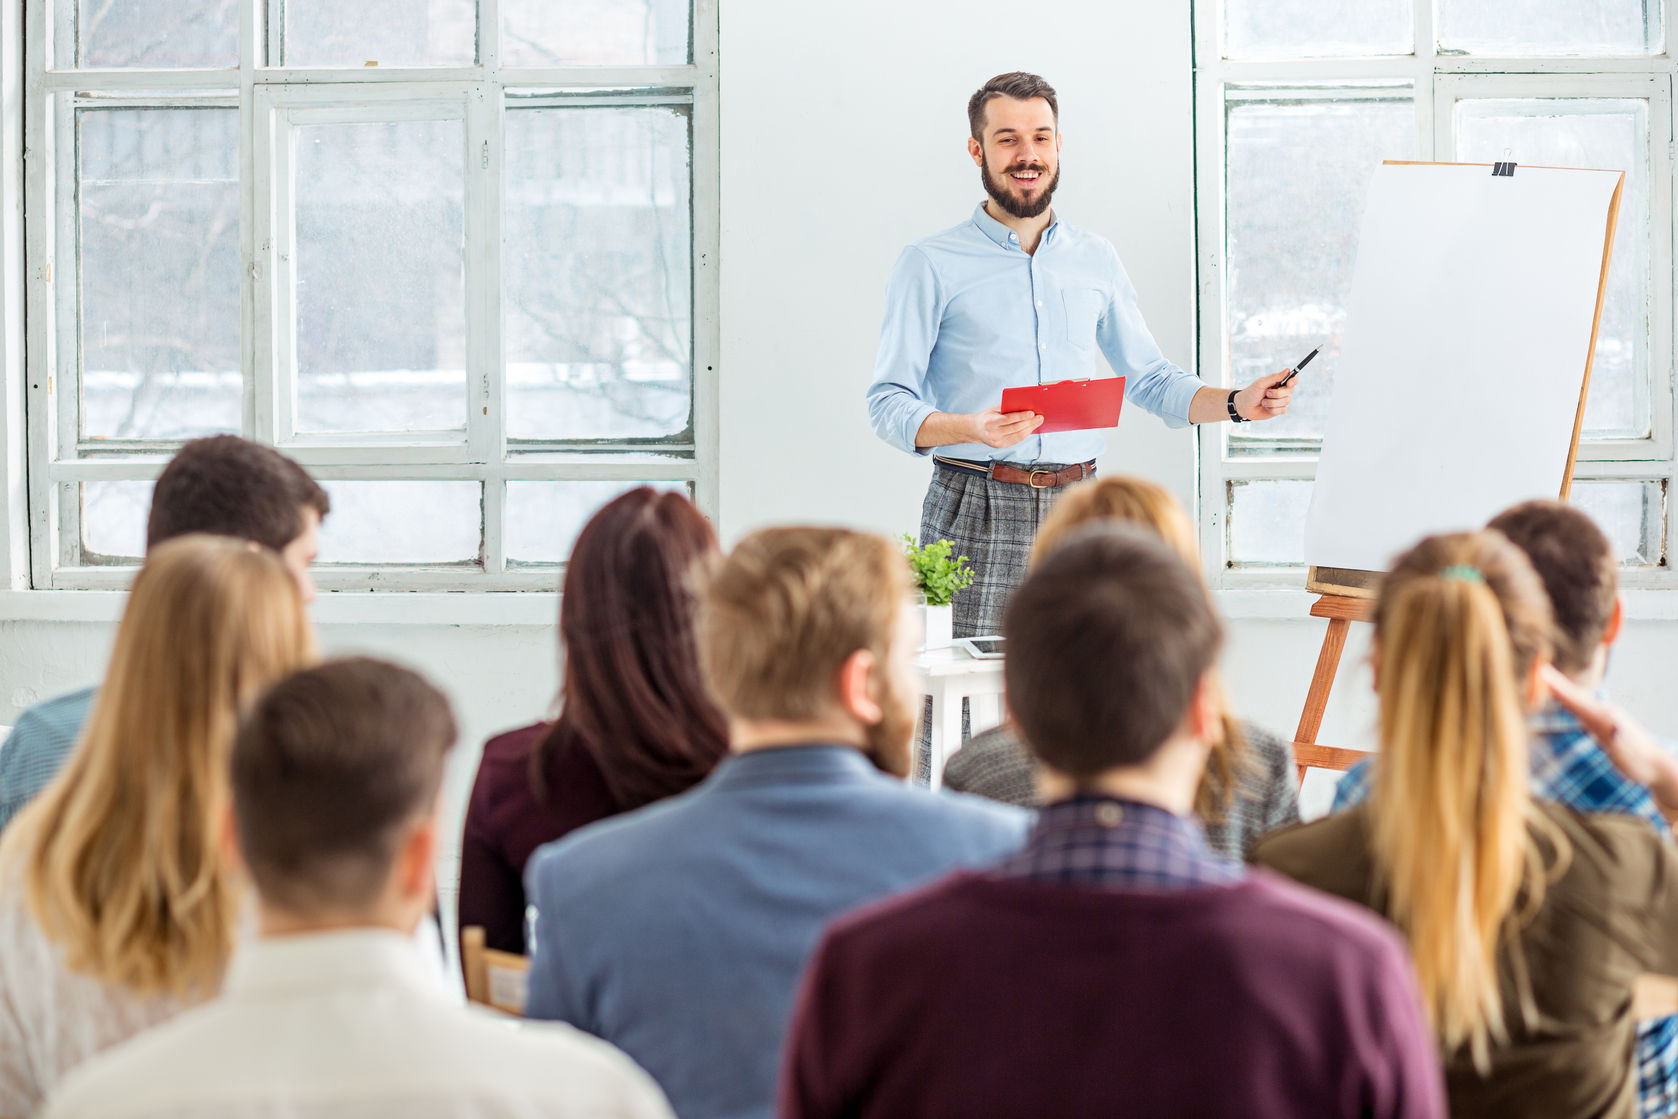 仕事で独立するための7つのレッスン!不安も解消される独立成功の方法